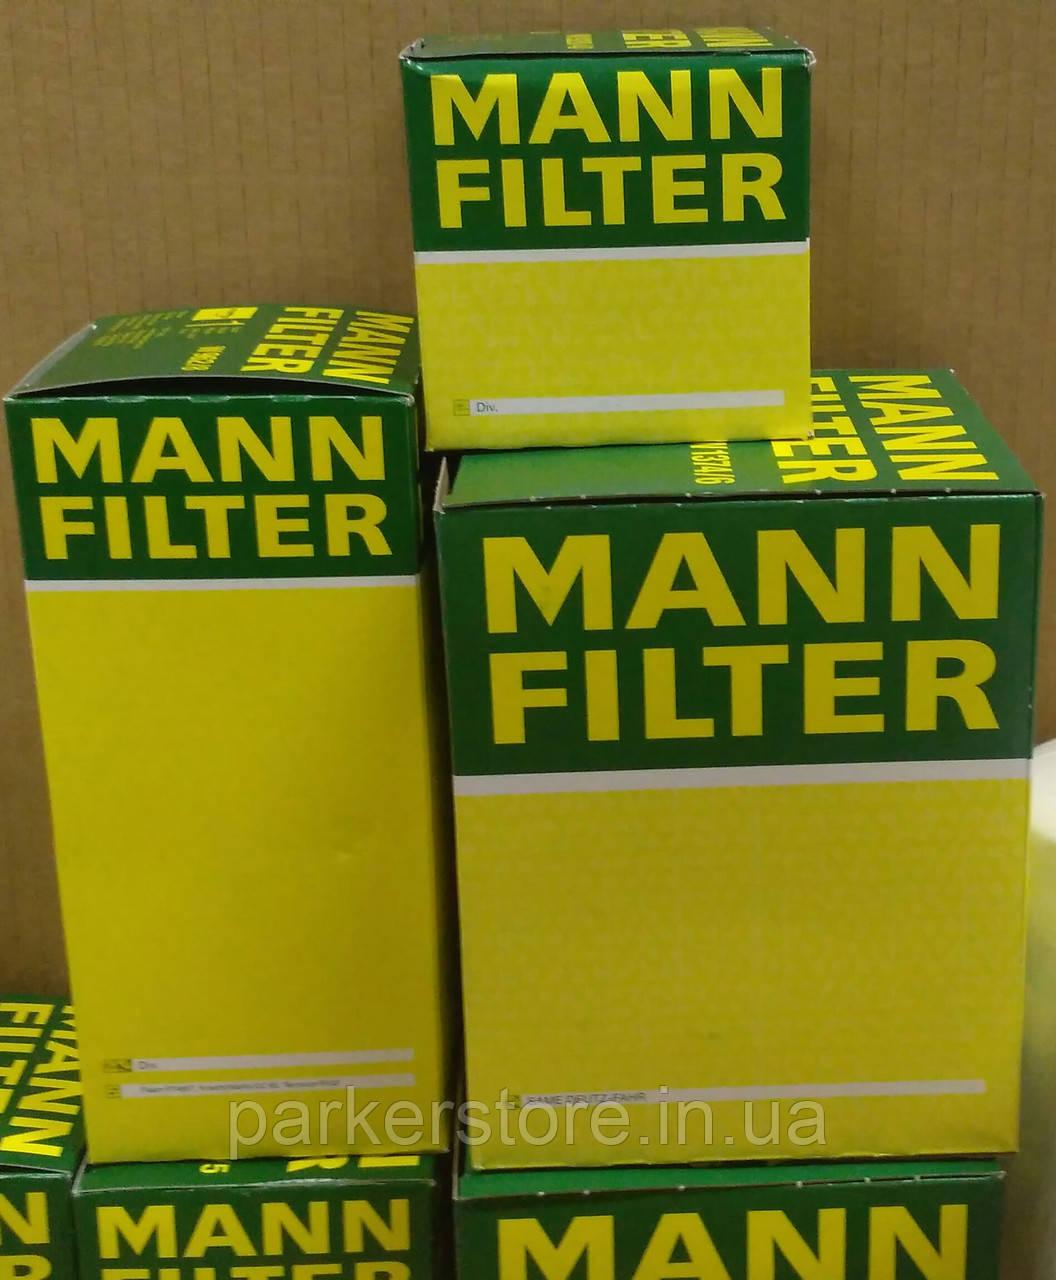 MANN FILTER / Повітряний фільтр / C 2696 / C2696